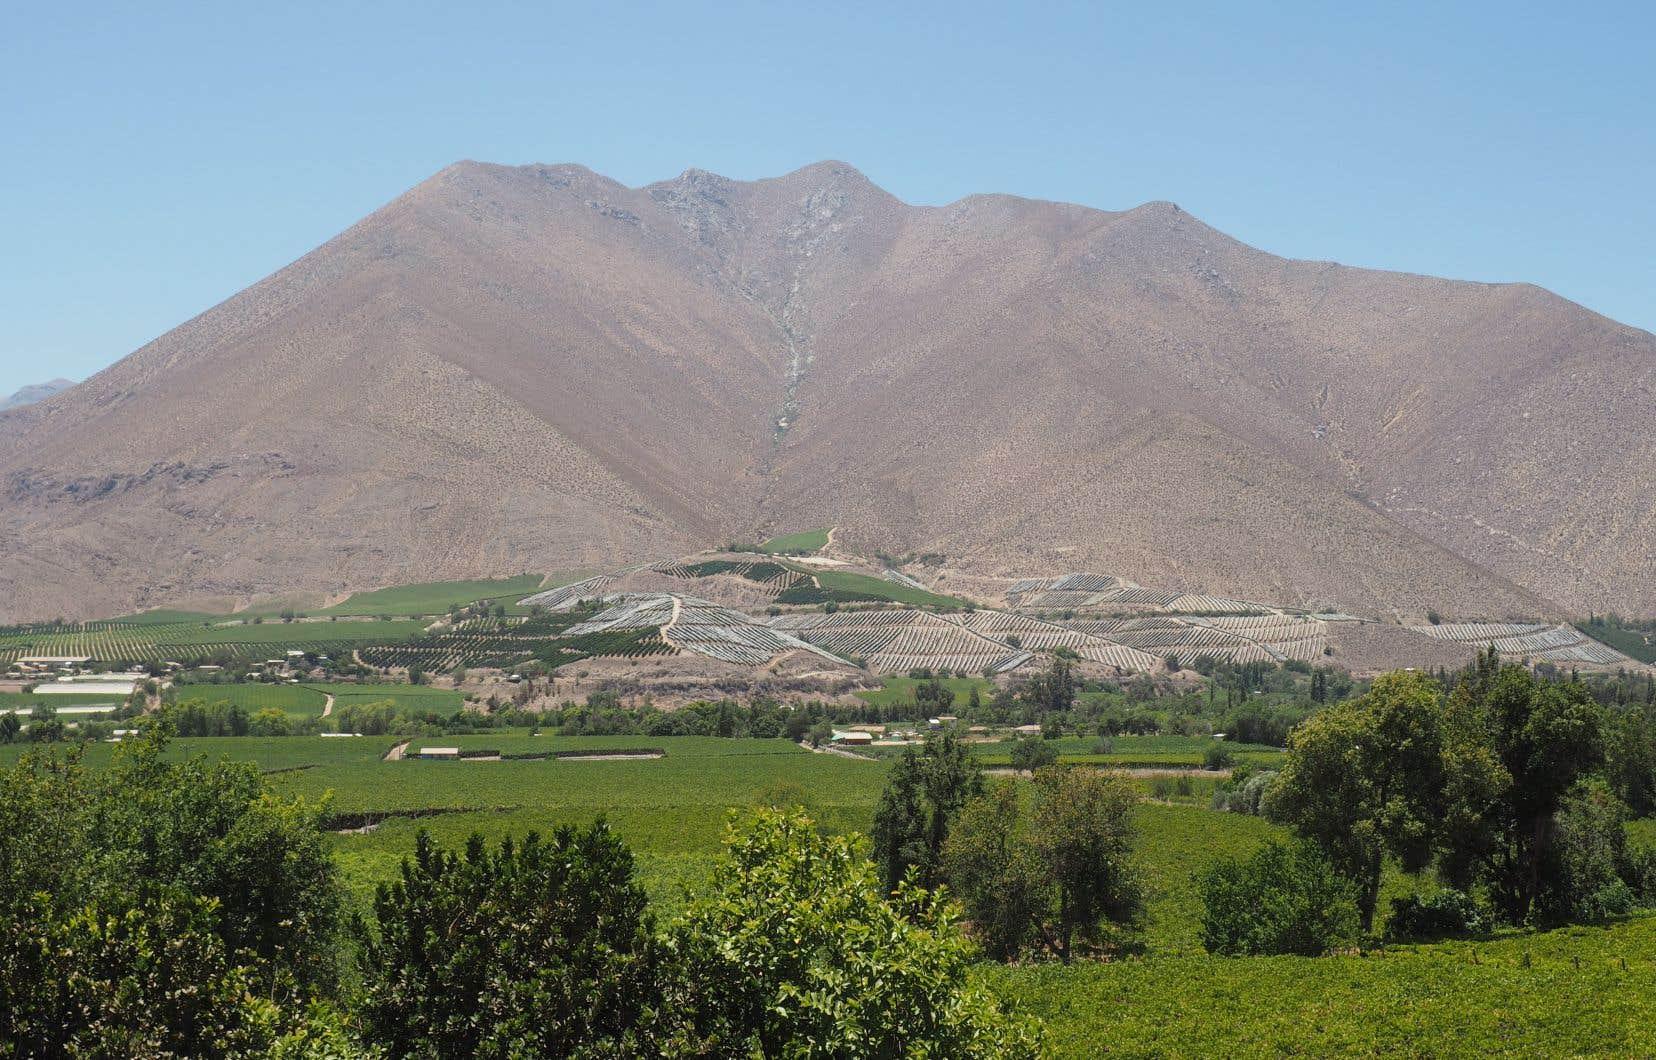 Le soleil brille quelque 300 jours par année dans la vallée de l'Elqui, située à environ 550km au nord de Santiago au Chili.